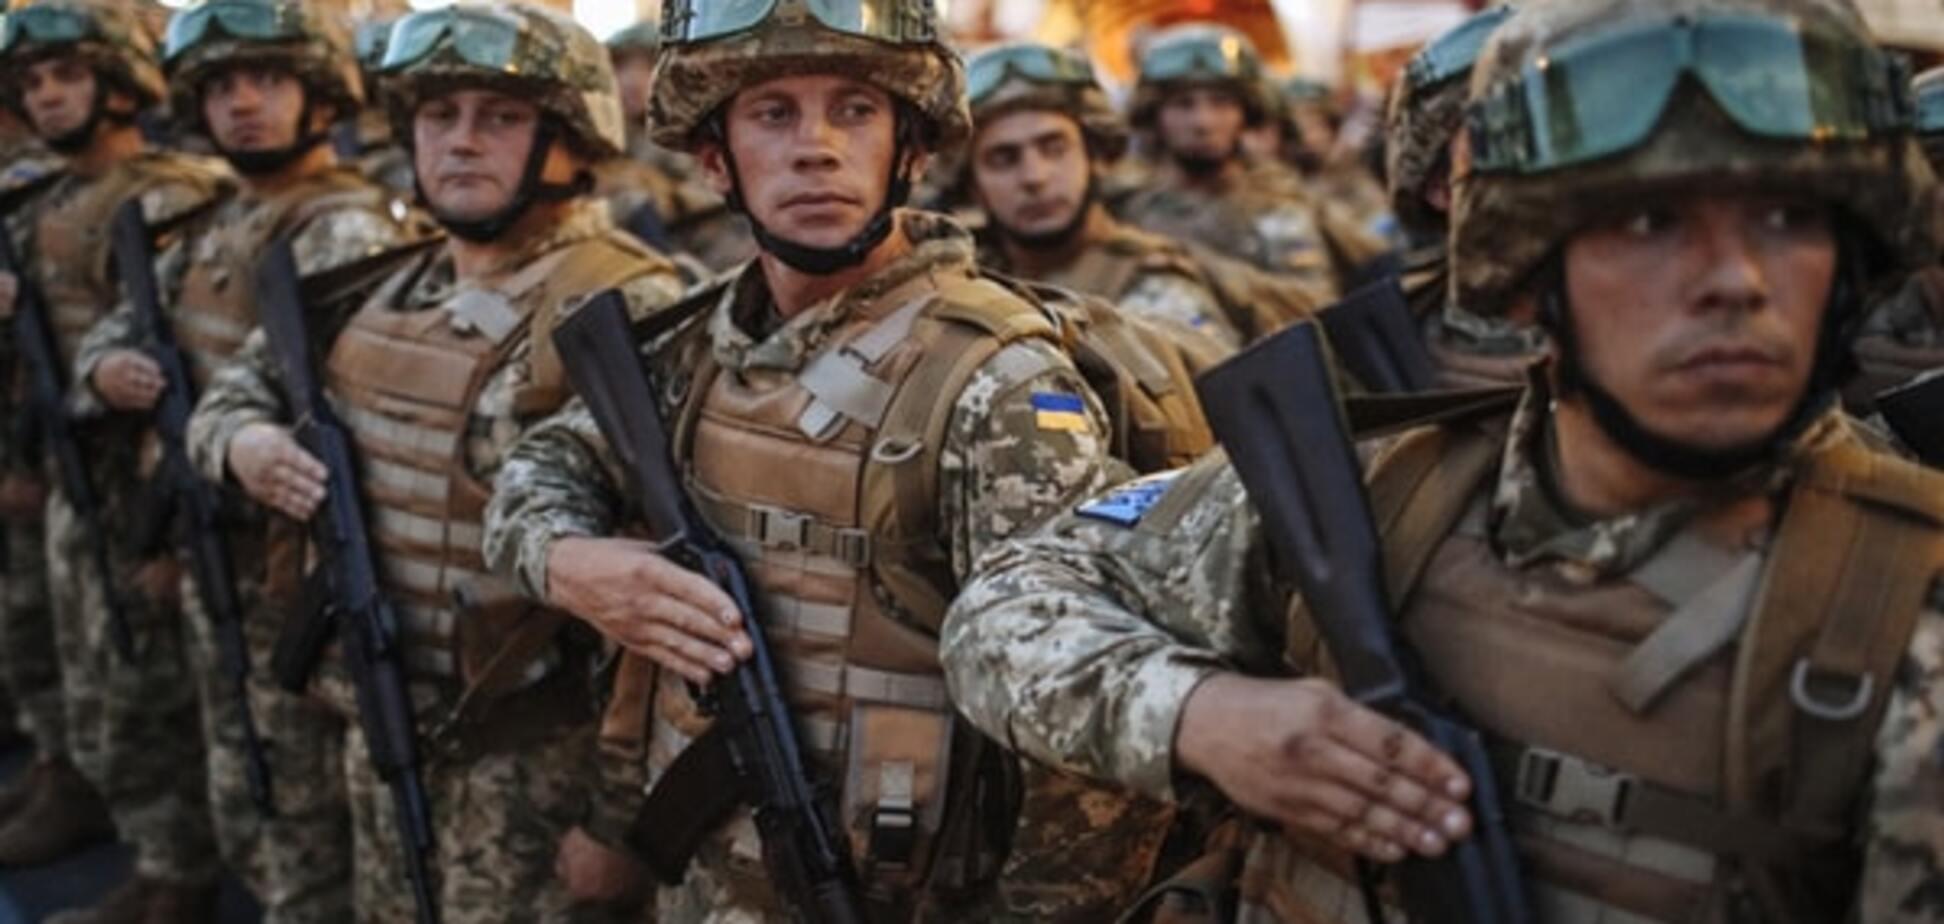 В окупованій Луганщині 'криваву хунту' покликали на допомогу - Снєгирьов